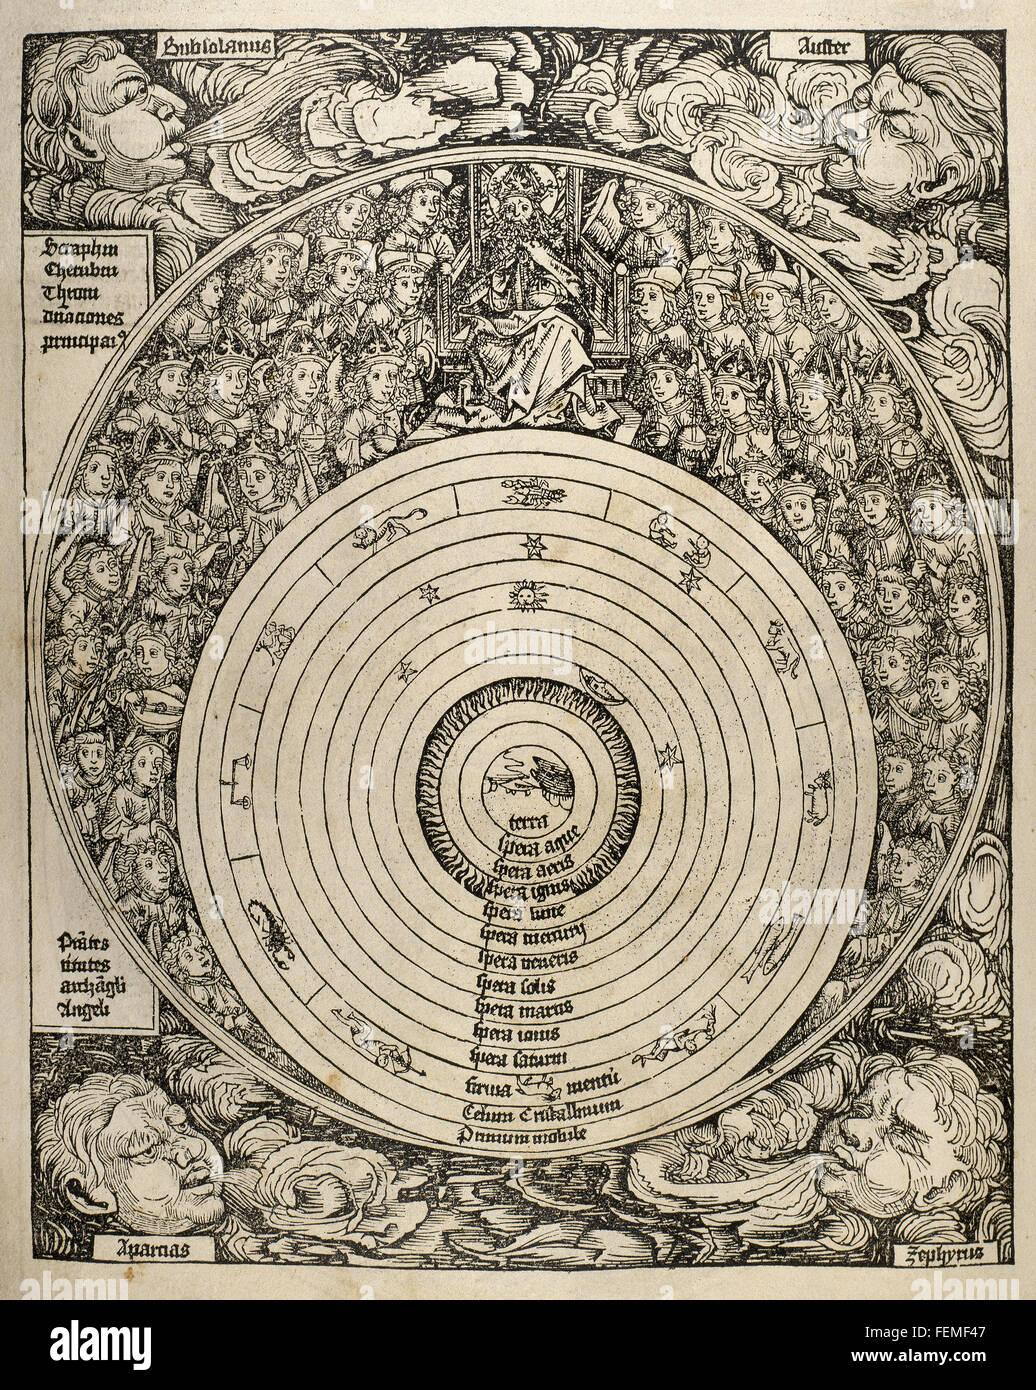 L'univers avec les planètes, les signes du zodiaque et la hiérarchie céleste tous. La gravure. Photo Stock